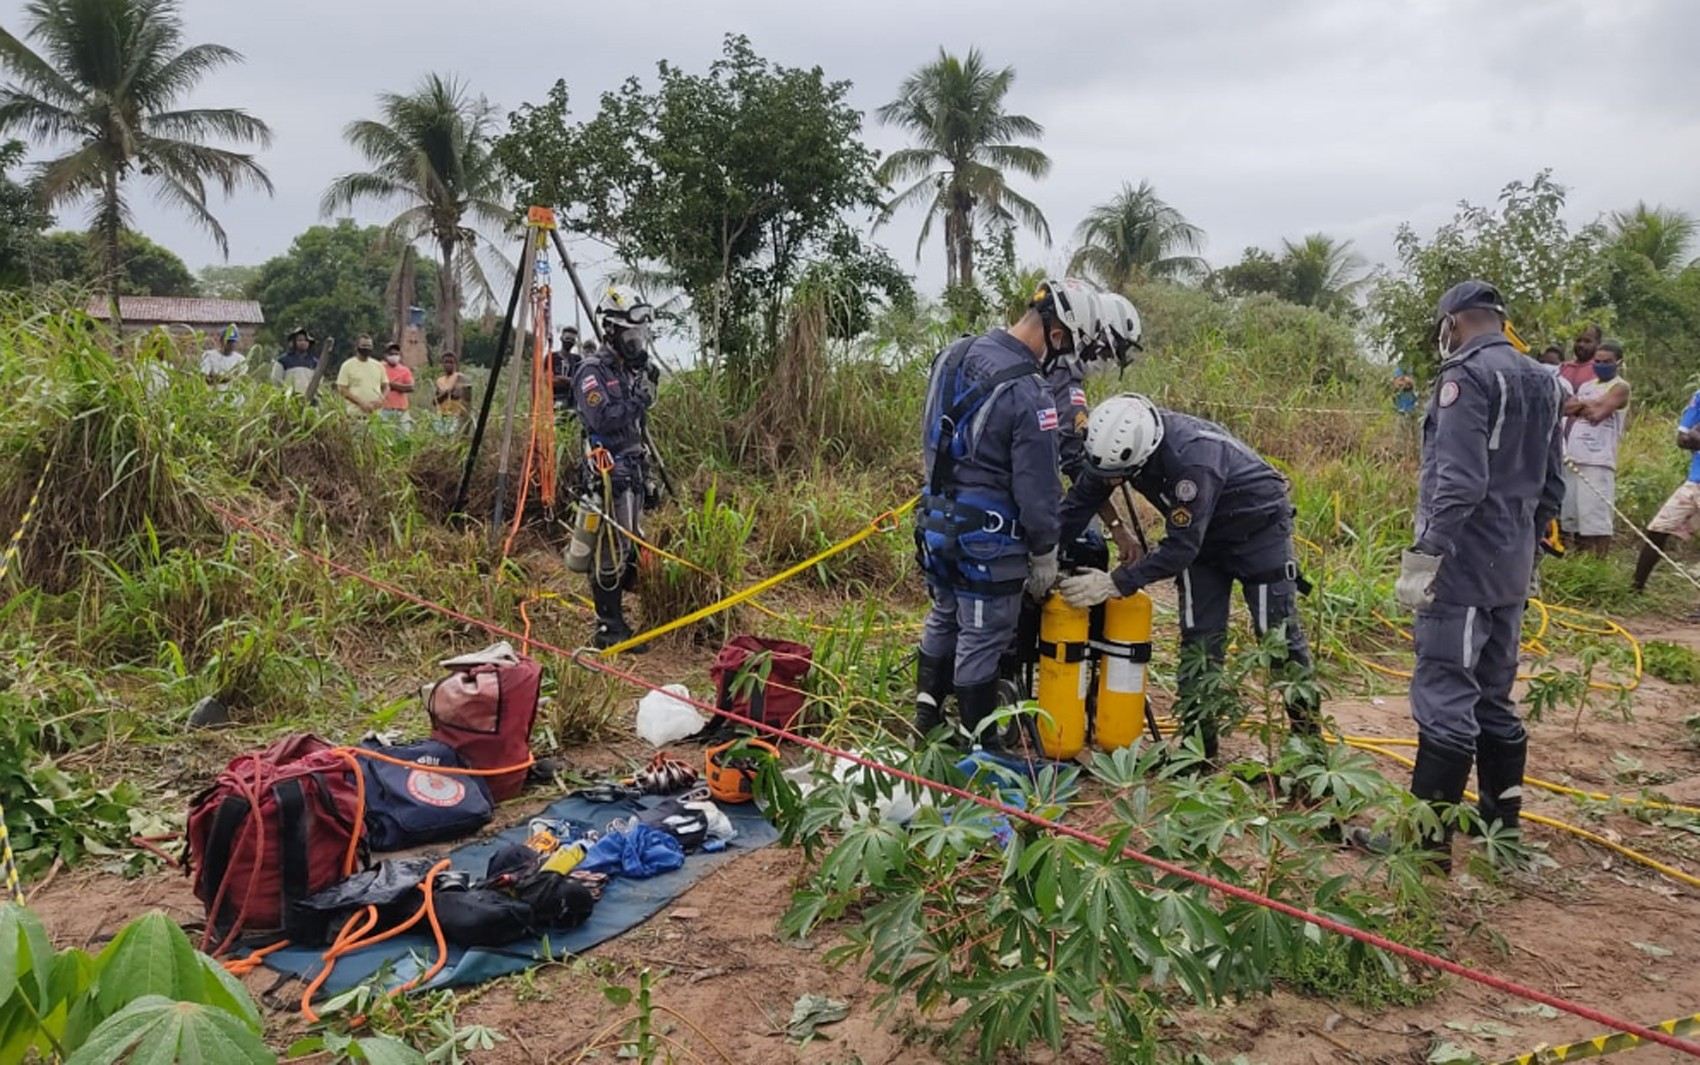 Adolescente cai em poço com cerca de 22 metros de profundidade e é resgatado por bombeiros na Bahia